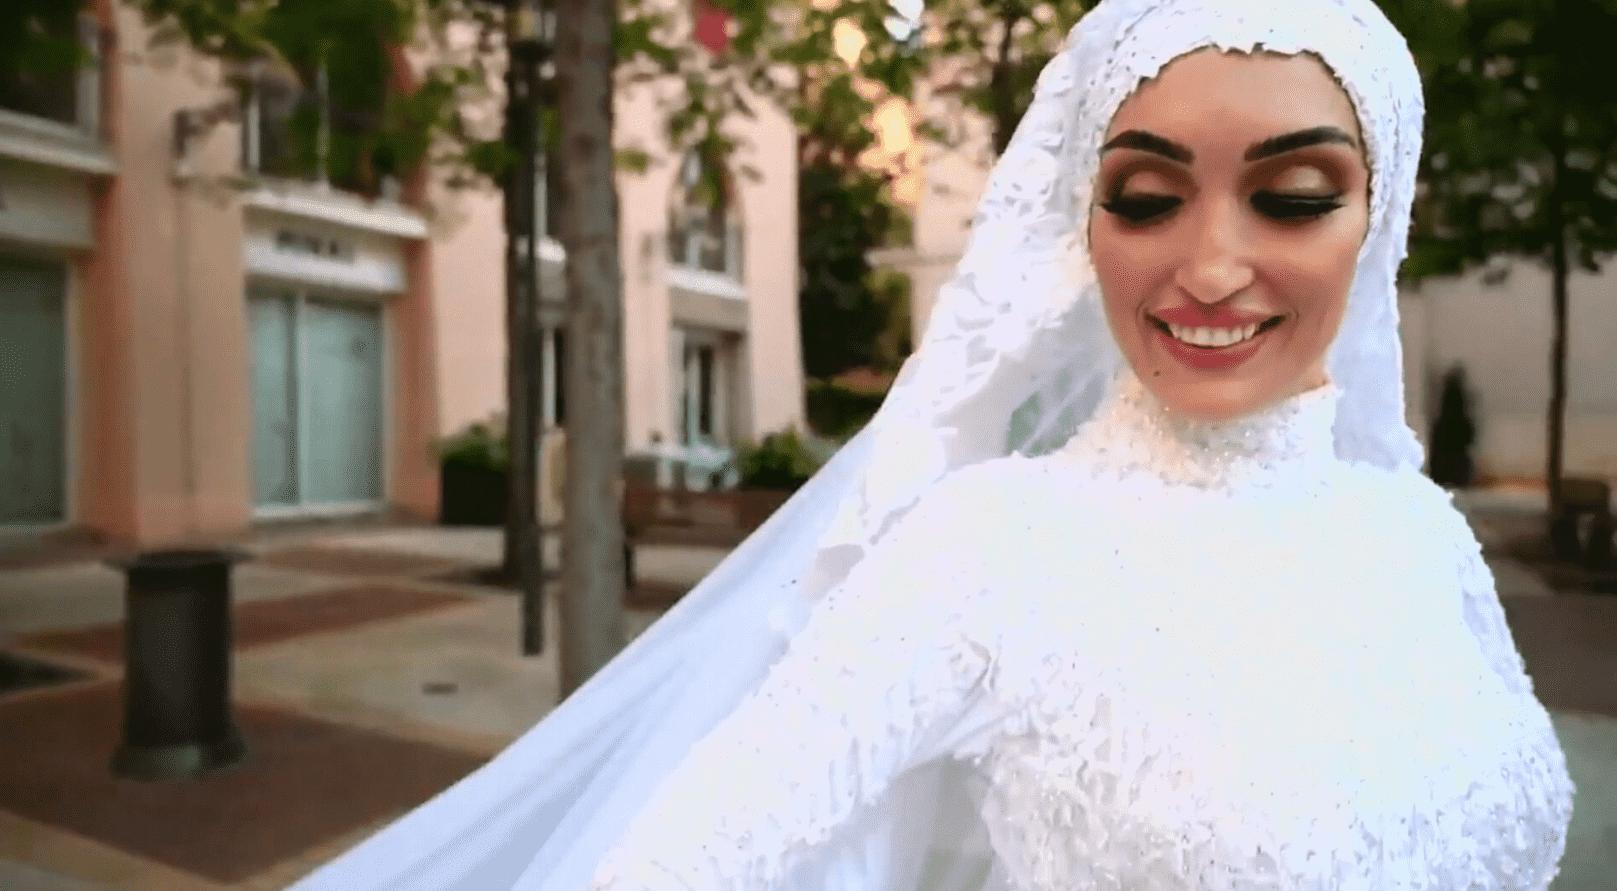 Foto mostra a noiva que teve ensaio interrompido por explosão no Líbano. Ela está vestido e véu.